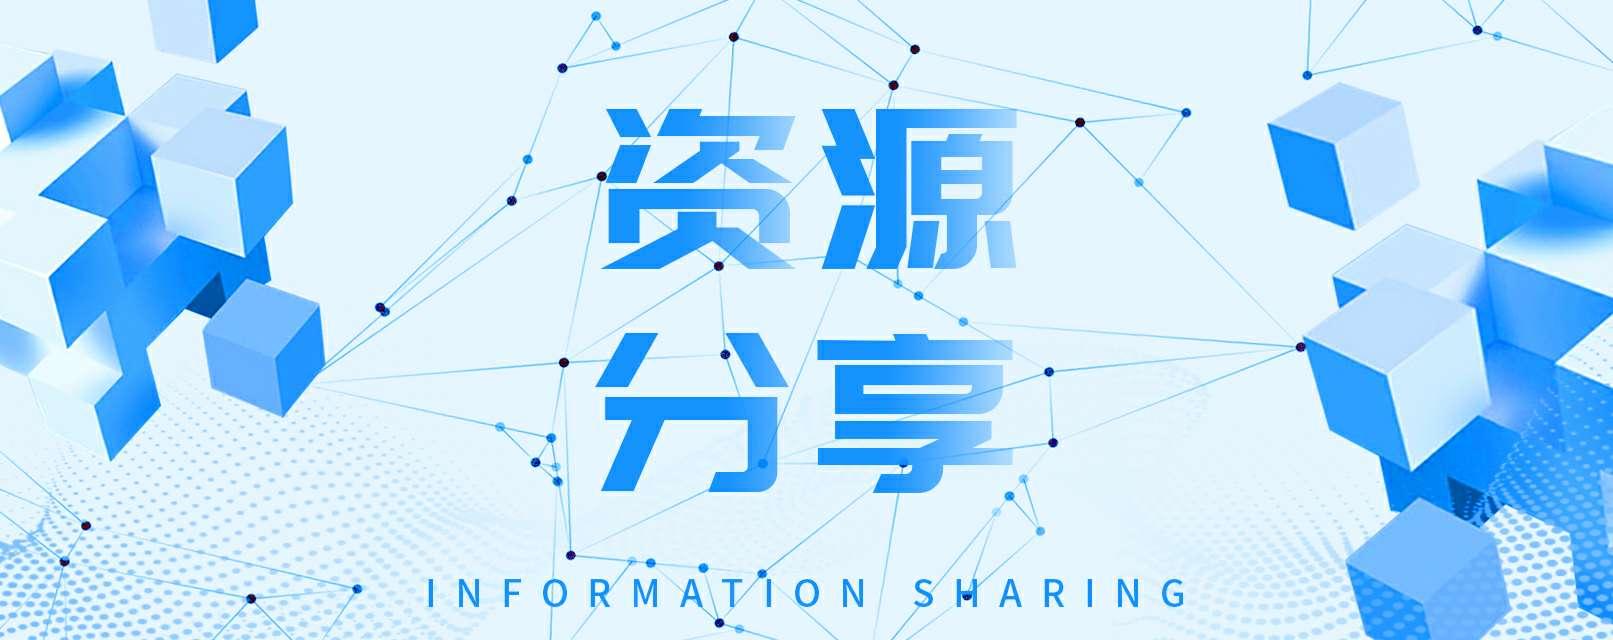 【资源分享】计算机二级考试宝典【计算机专业速来】